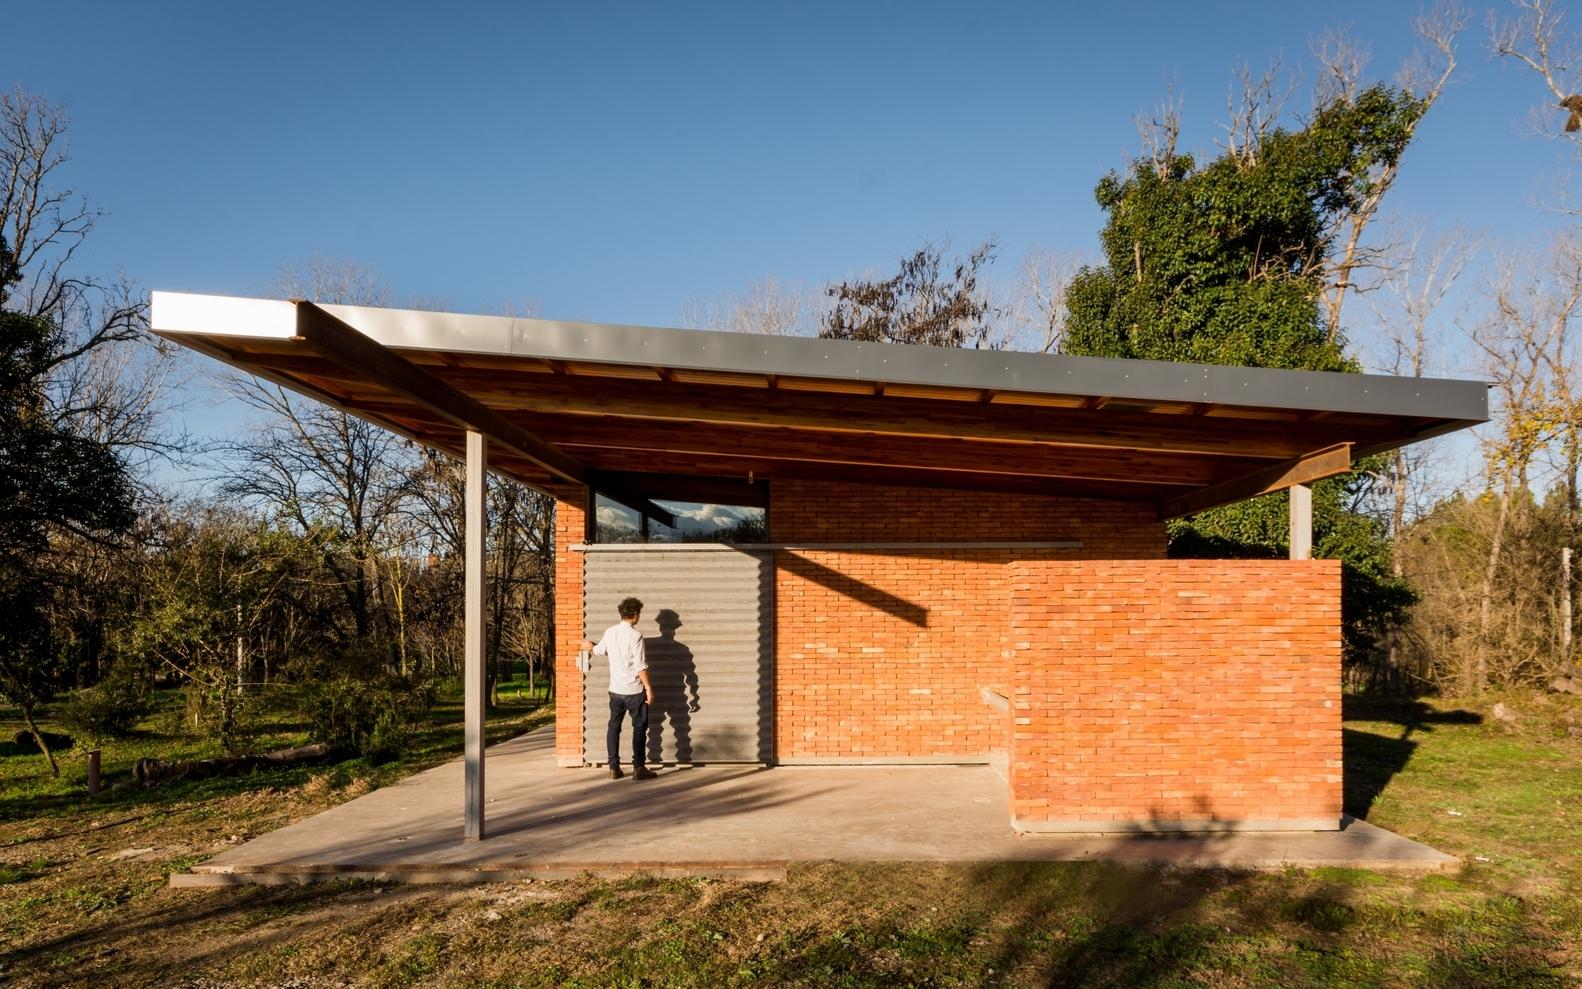 Galer a de casas de menos de 100 m2 30 ejemplos en planta for Plantas arquitectonicas de casas